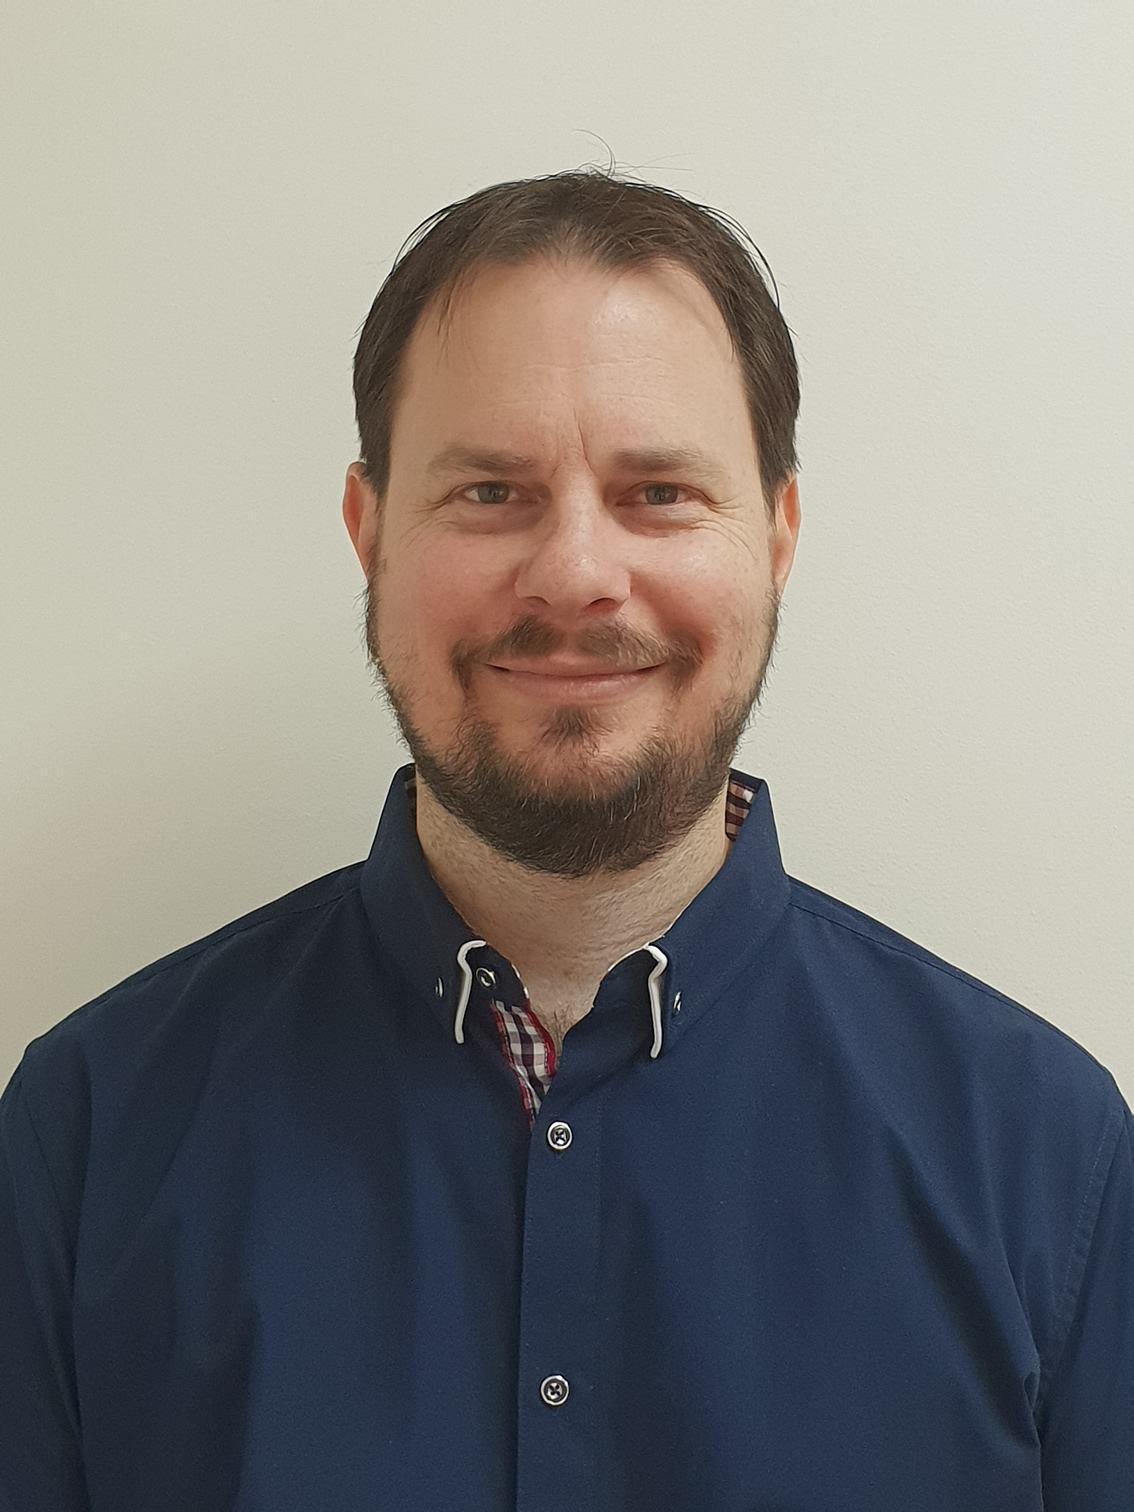 Stephen Miszkowycz - Director Ignite Accounting